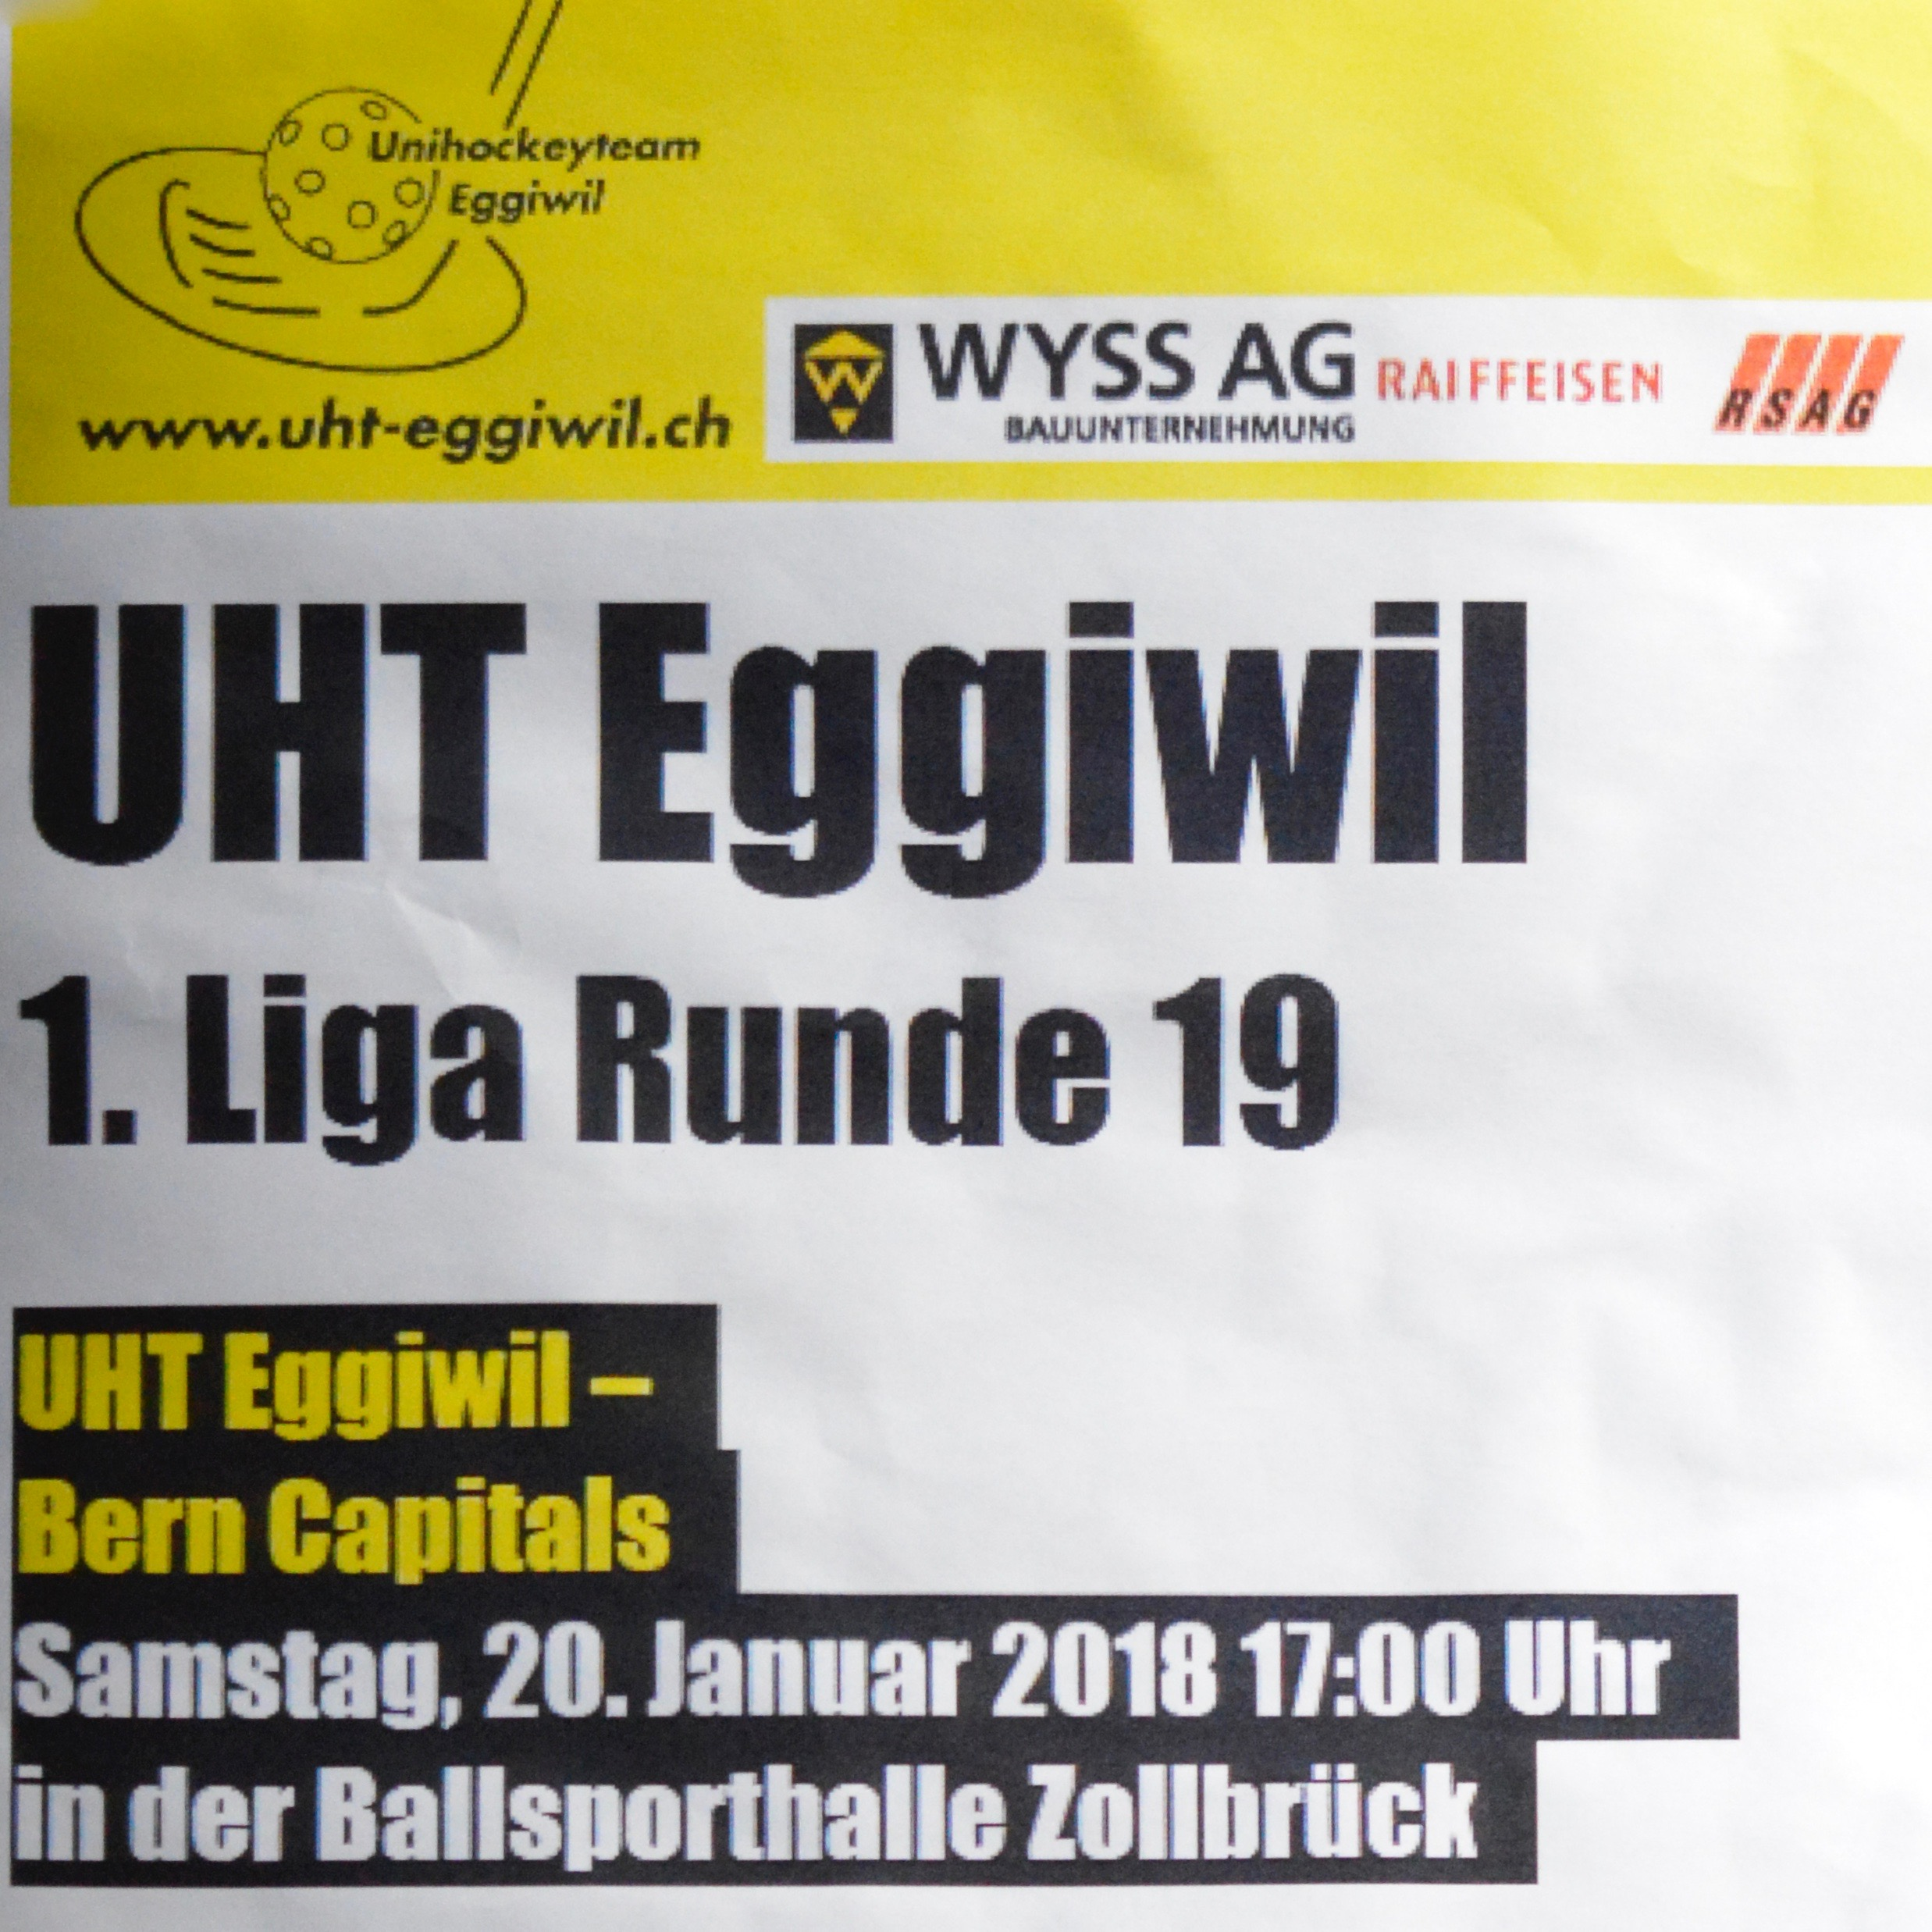 Herren I - Bern Capitals Saison 2017/18